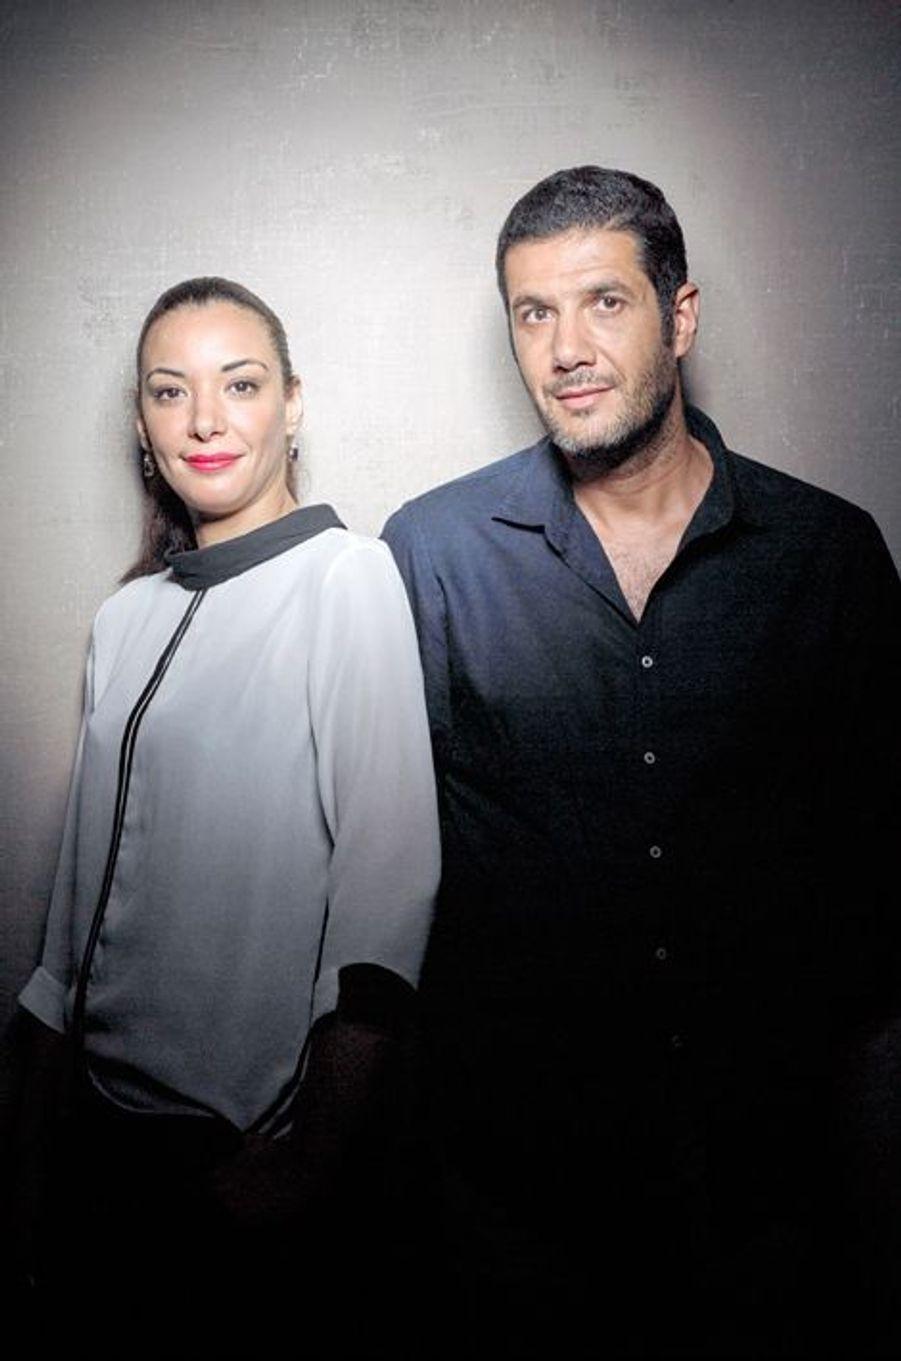 Réalisateur controversé et censuré dans son pays, le cinéaste marocain n'hésite pas à bousculer les esprits conservateurs du gouvernement, notamment avec son dernier film «Much Loved» (2015), sélectionné à Cannes, mais interdit de diffusion au Maroc. Avec des films comme «Ali Zaoua» et «Les Chevaux de Dieu», Nabil Ayouch dénonce les phénomènes de société qui dérangent dans le royaume chérifien, de l'enfance illettrée arpentant les rues au djihadisme.